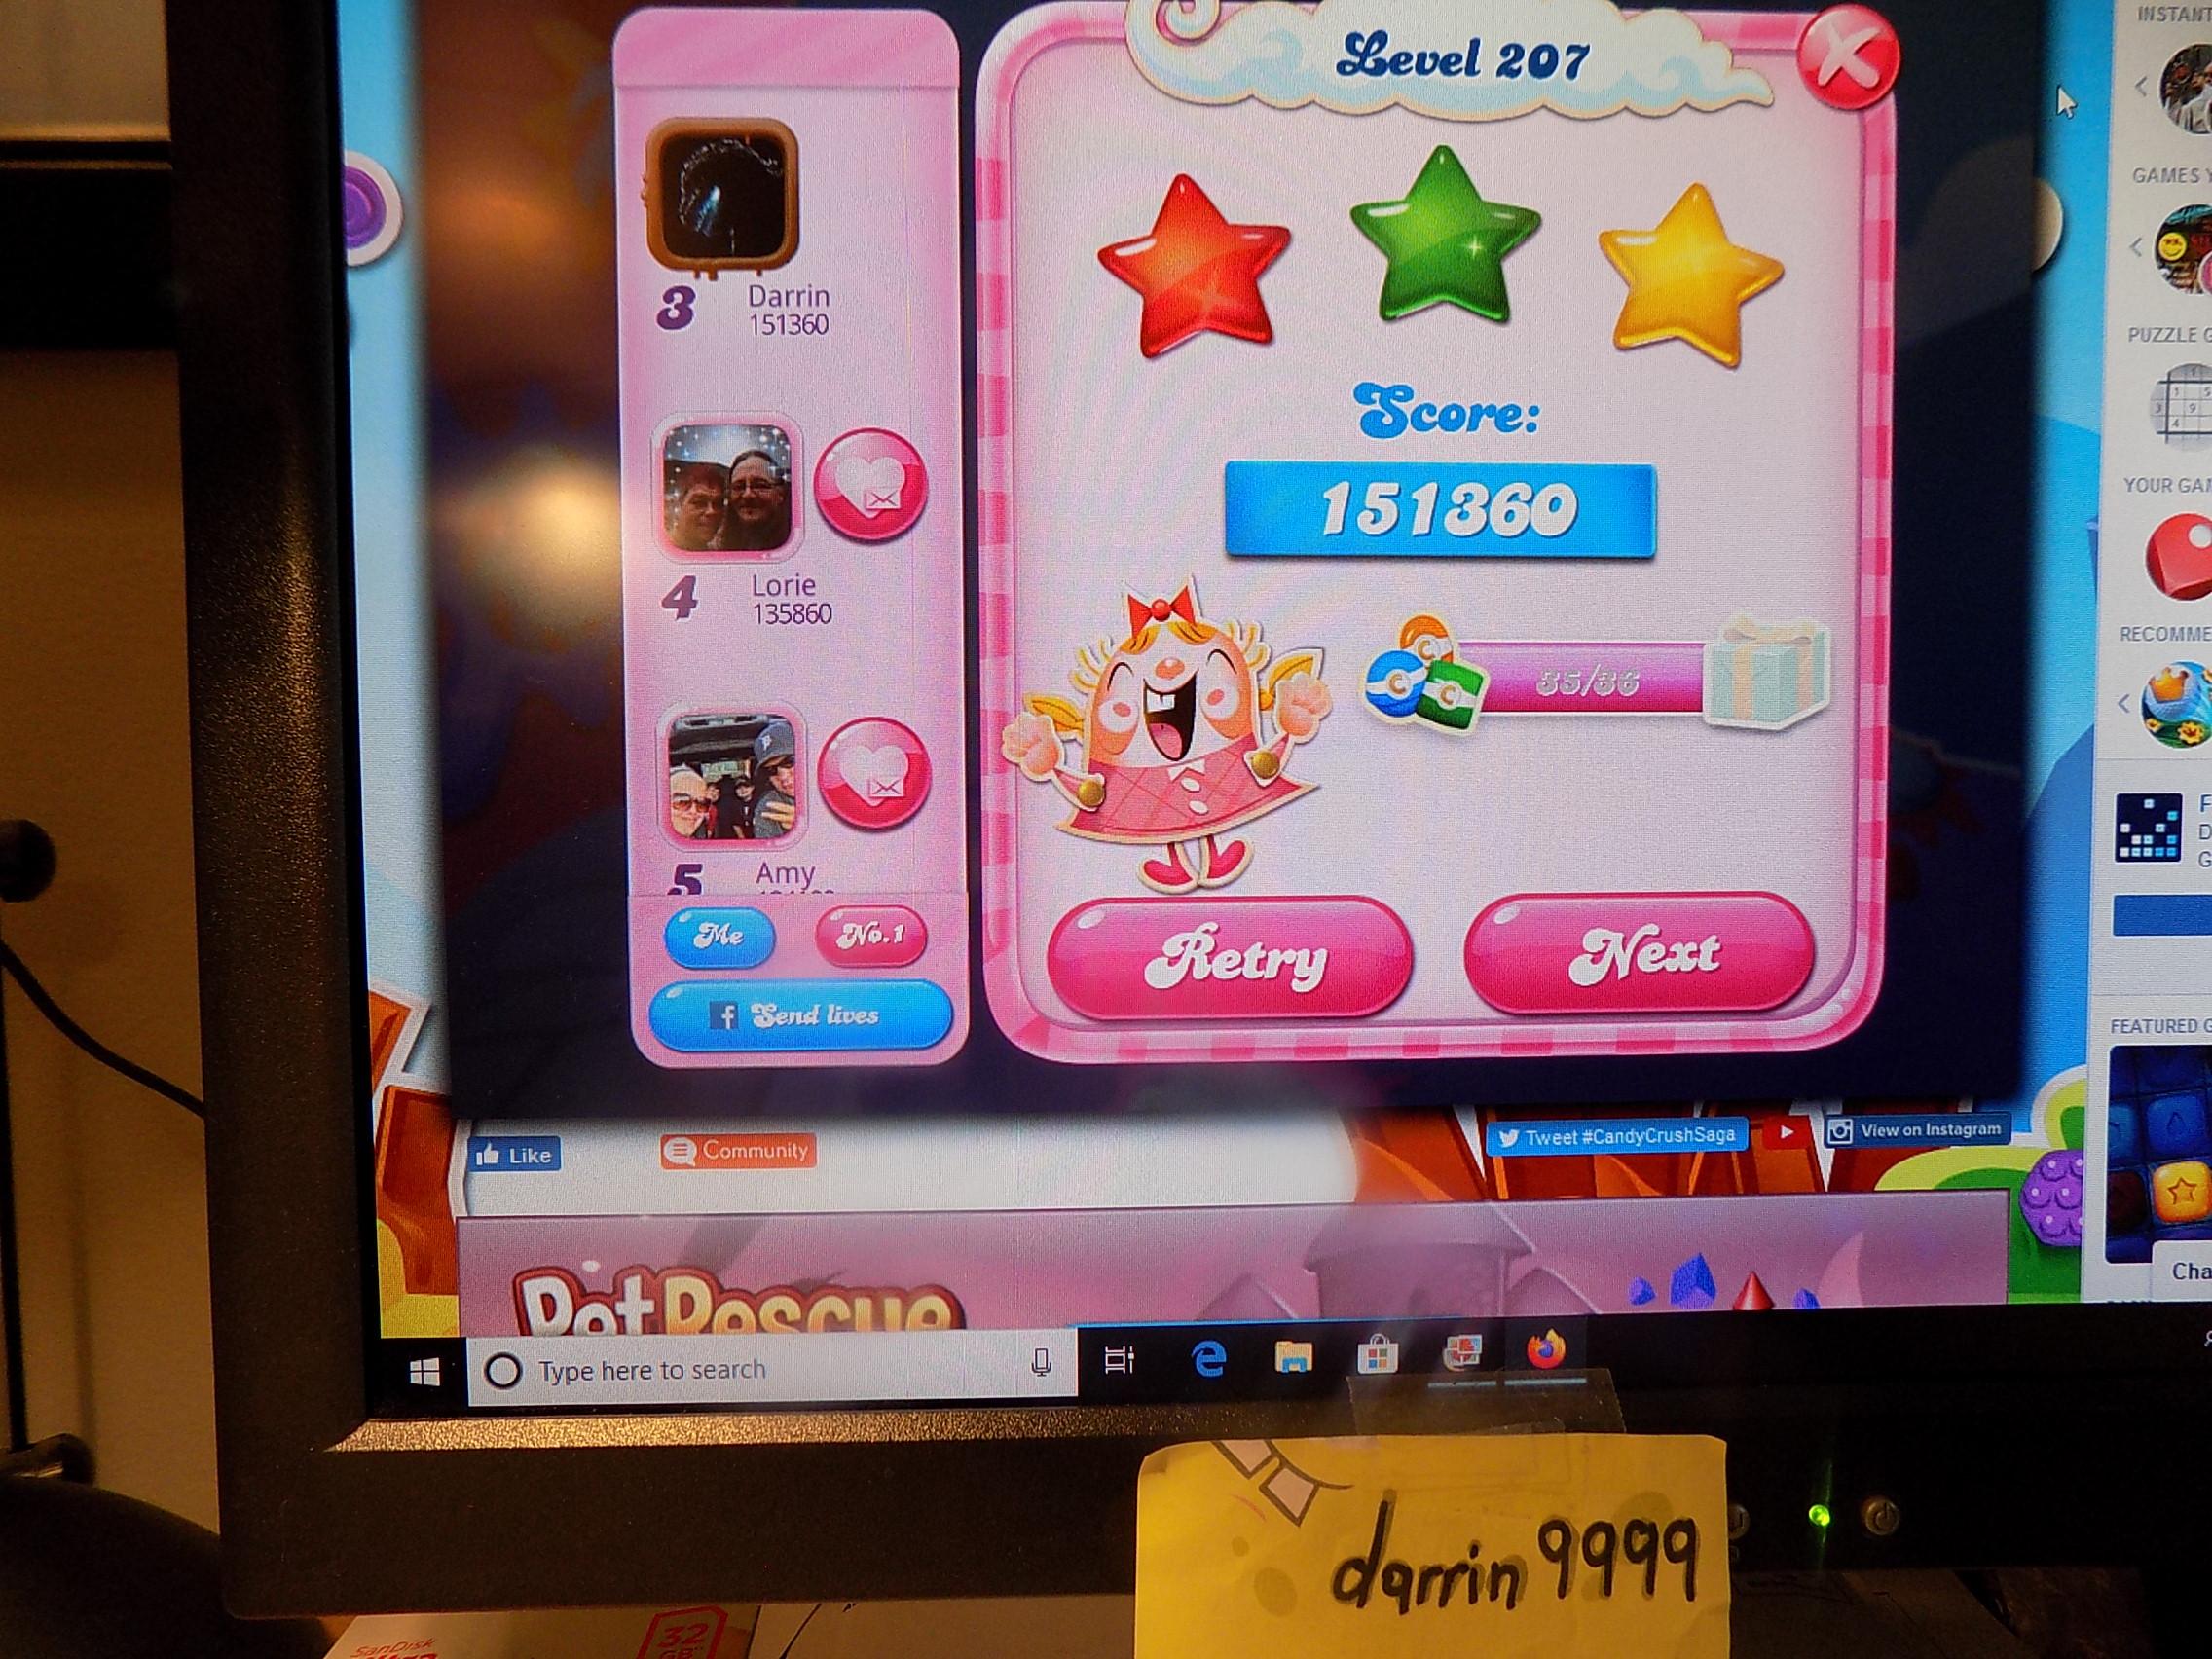 darrin9999: Candy Crush Saga: Level 207 (Web) 151,360 points on 2019-11-18 06:34:06